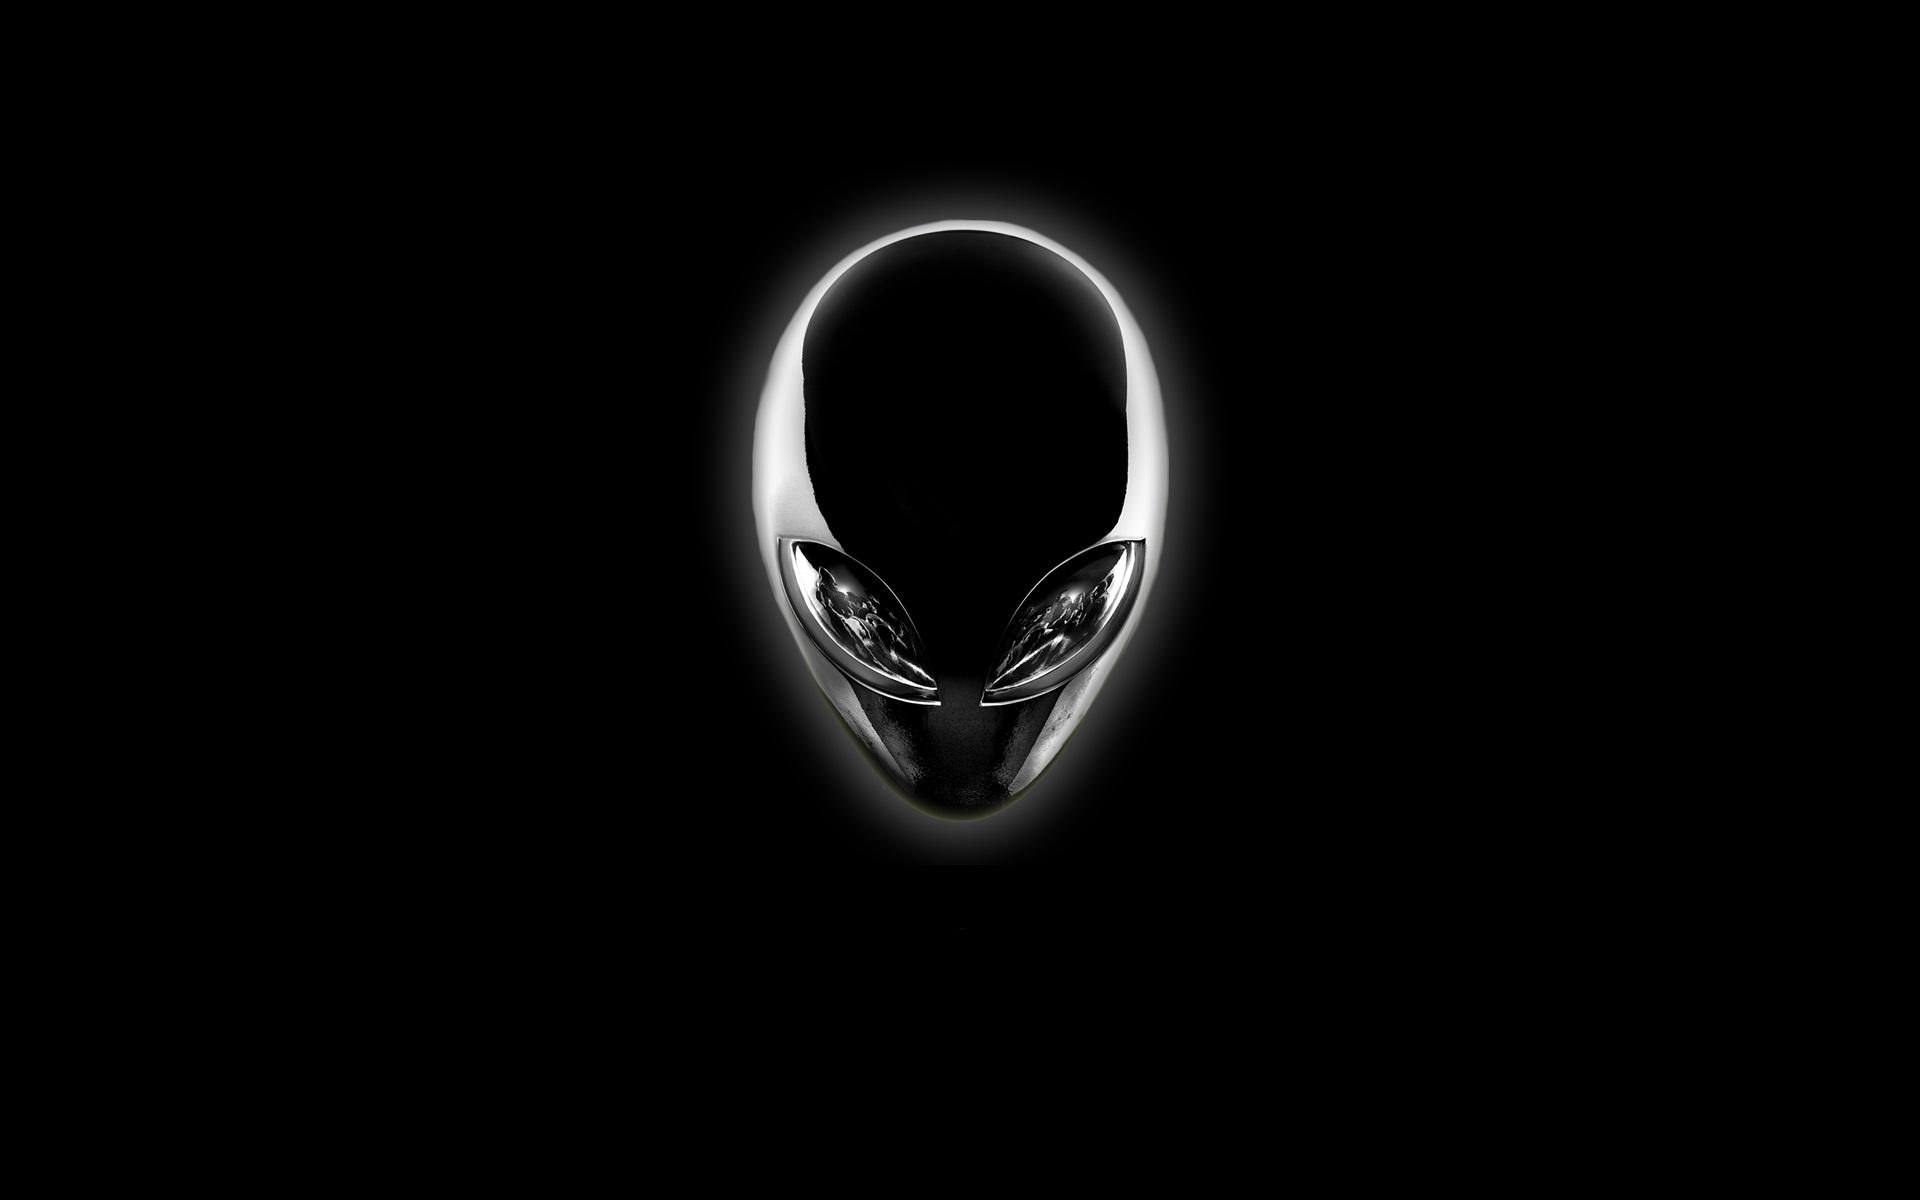 Nice Images Collection: Alienware Desktop Wallpapers